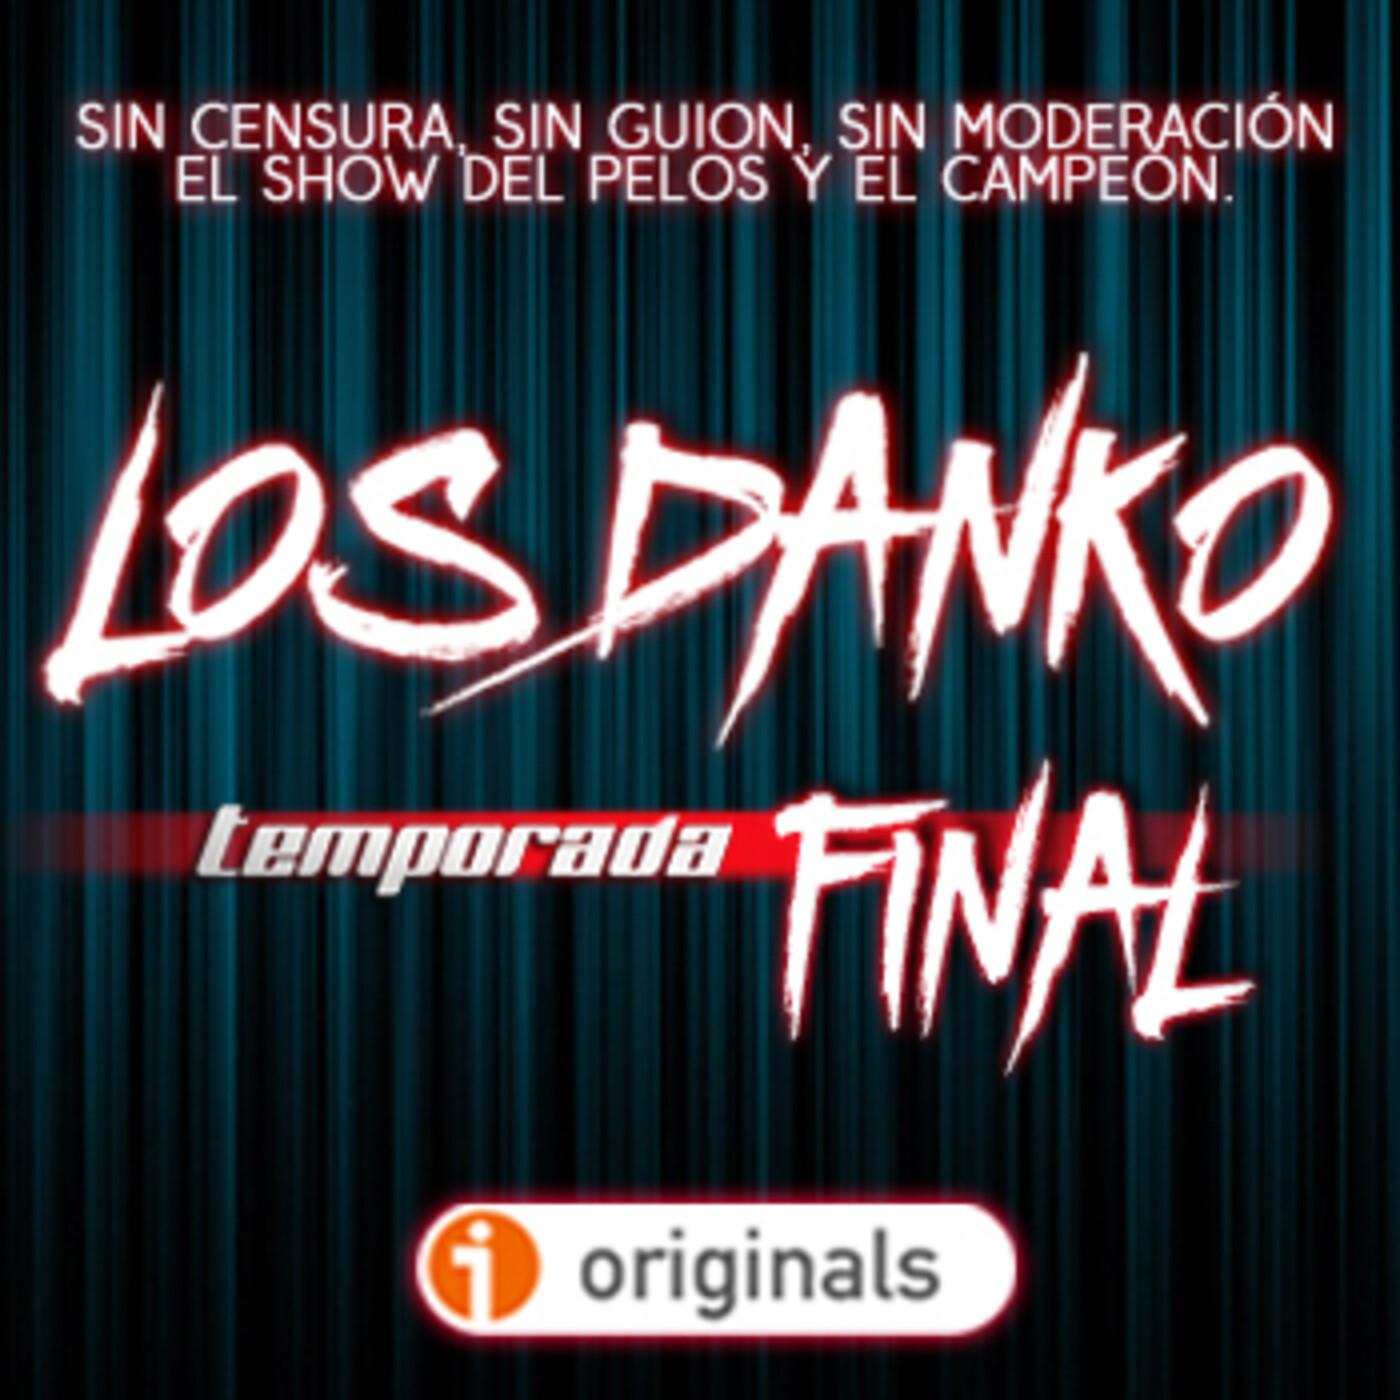 Los Danko